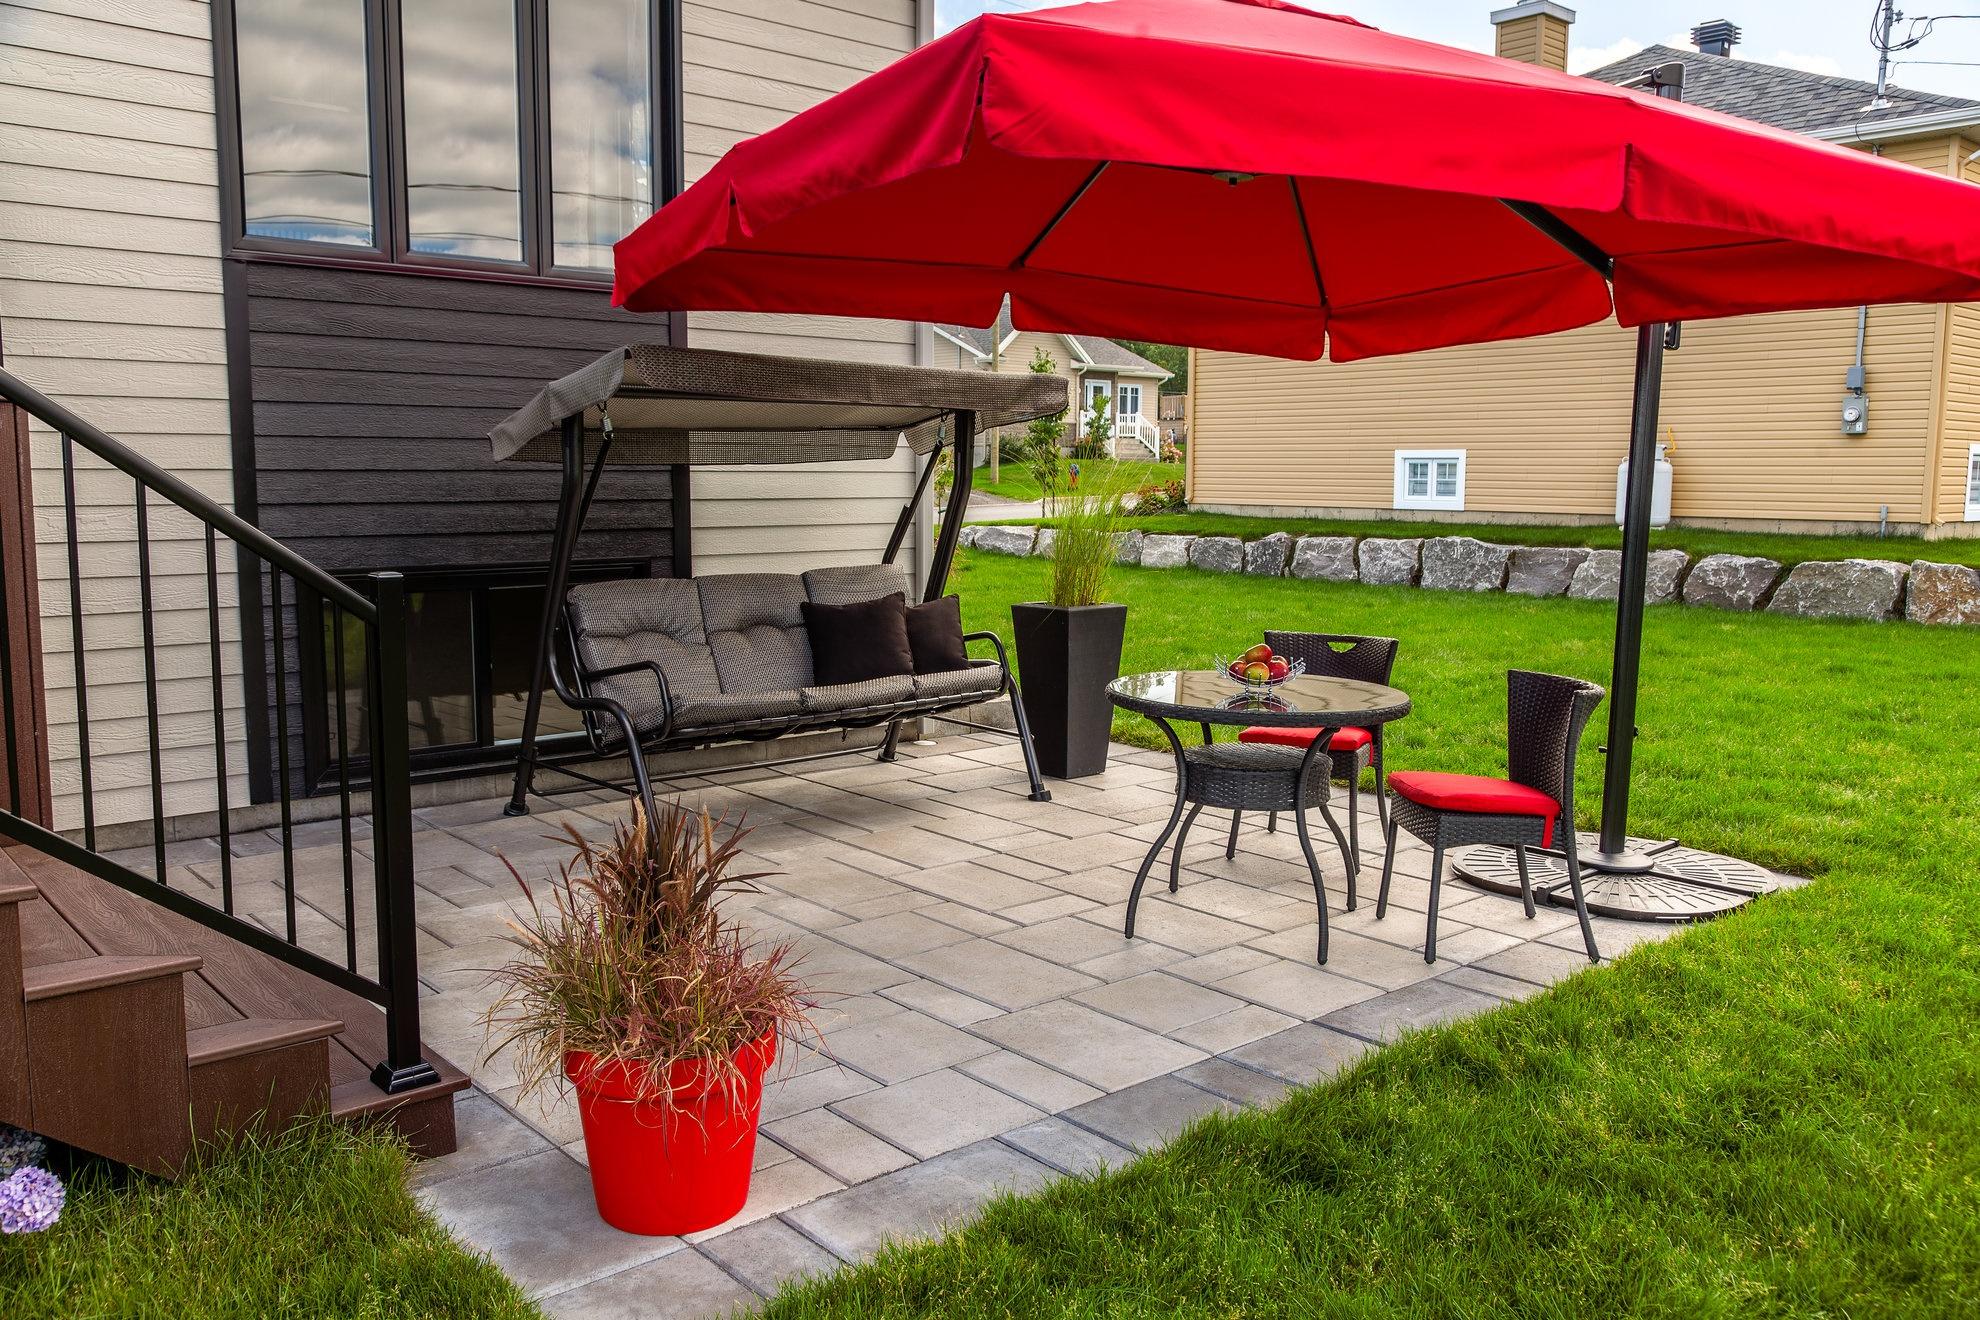 Jardin citadin cour arri re piscine spa for Amenagement de patio exterieur